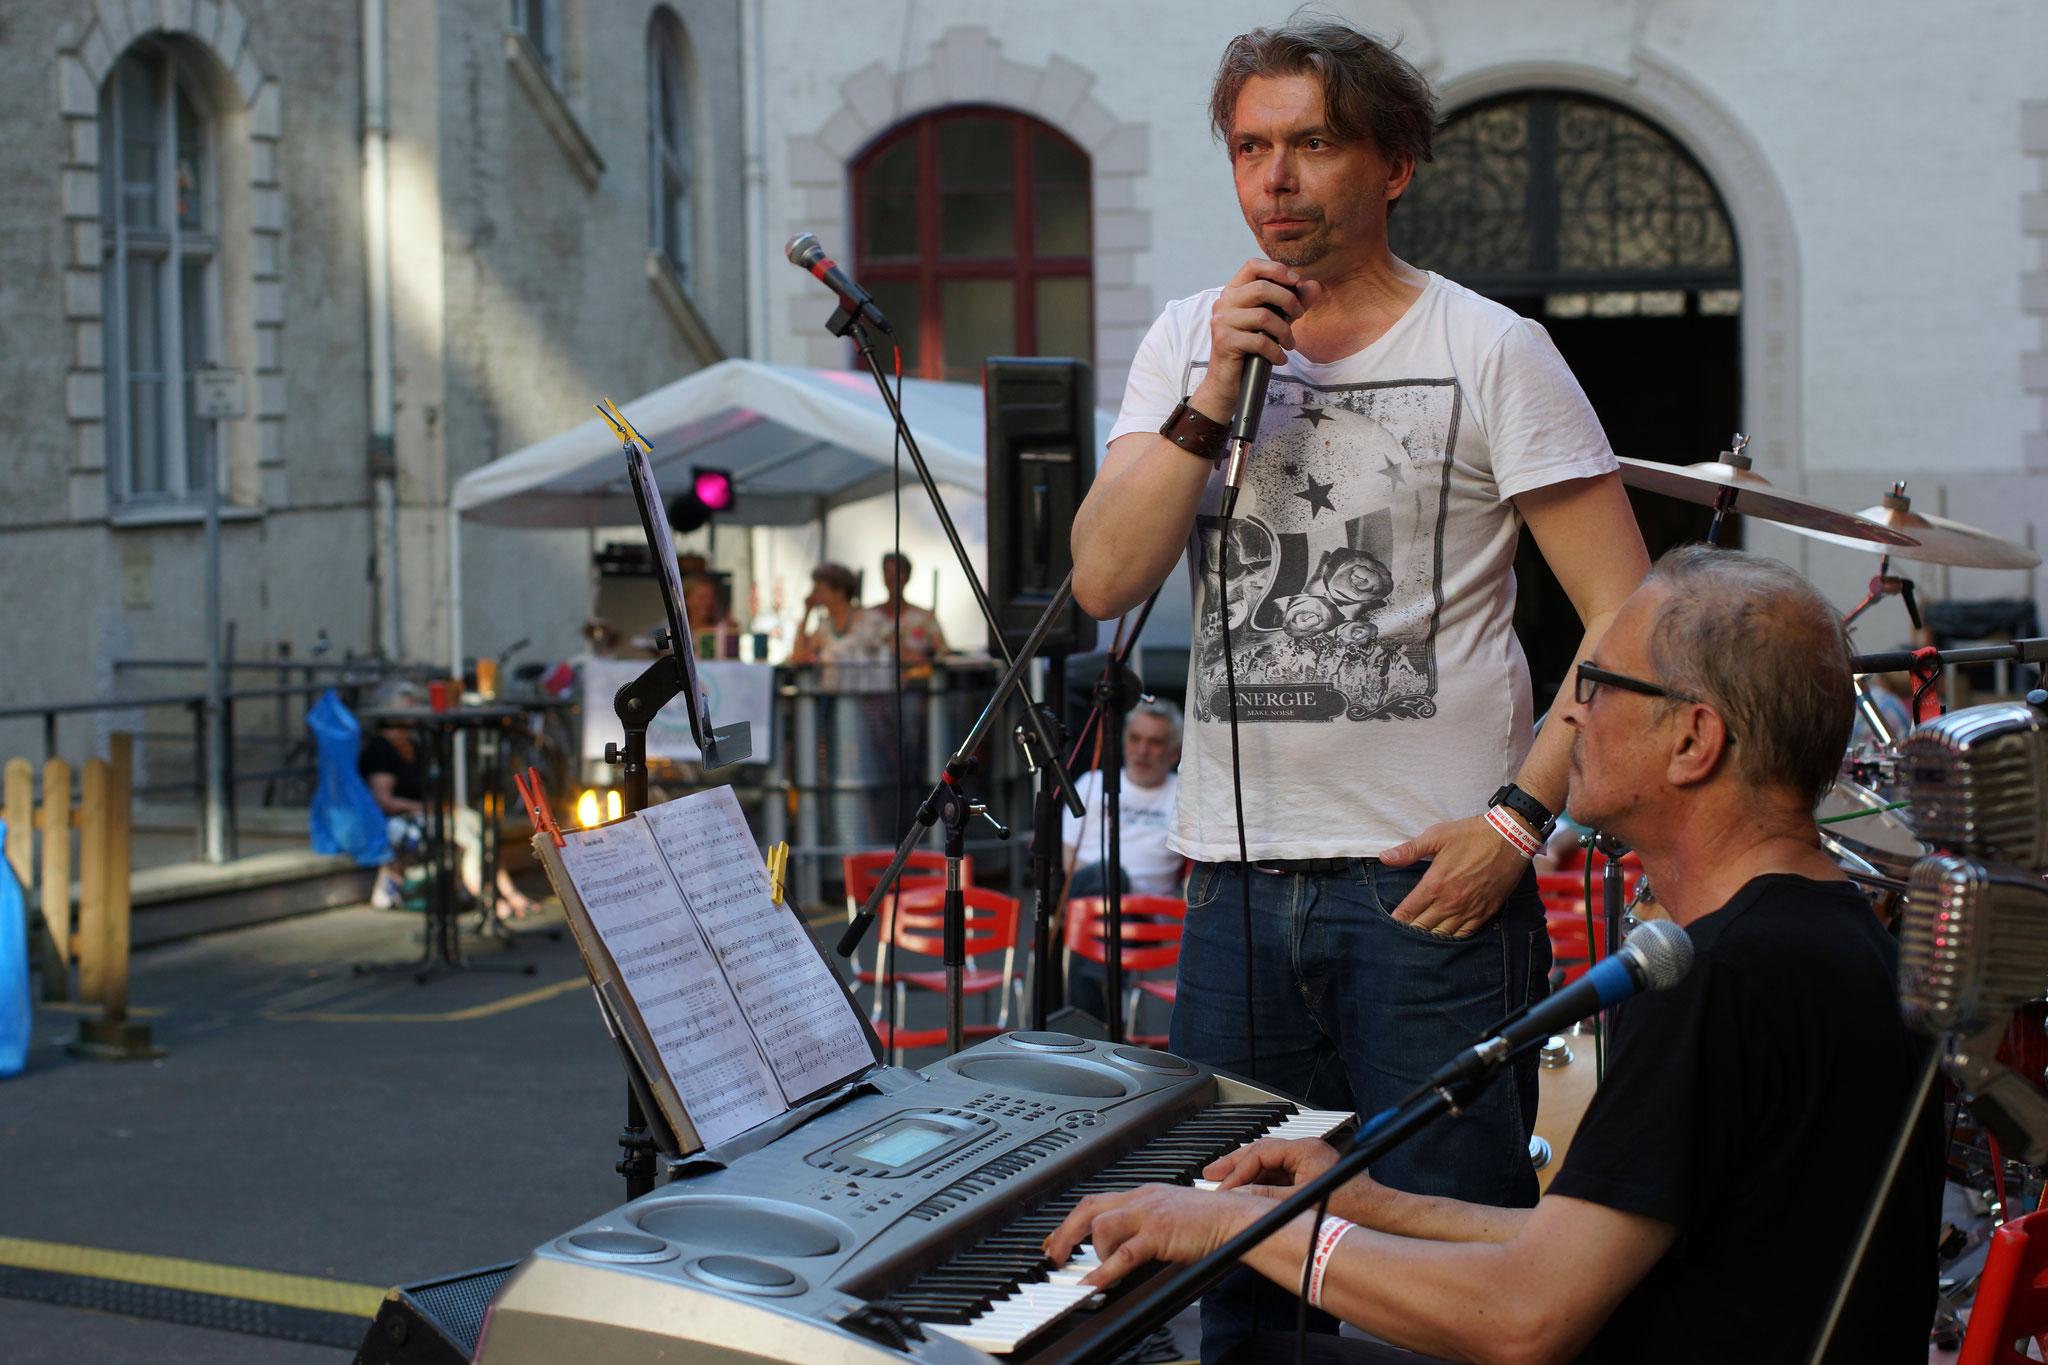 Konzerte im Bürgerhof 02.07.15 Rauchen verboten - Freiwilligen-Zentrum Augsburg - Foto: Crayfish